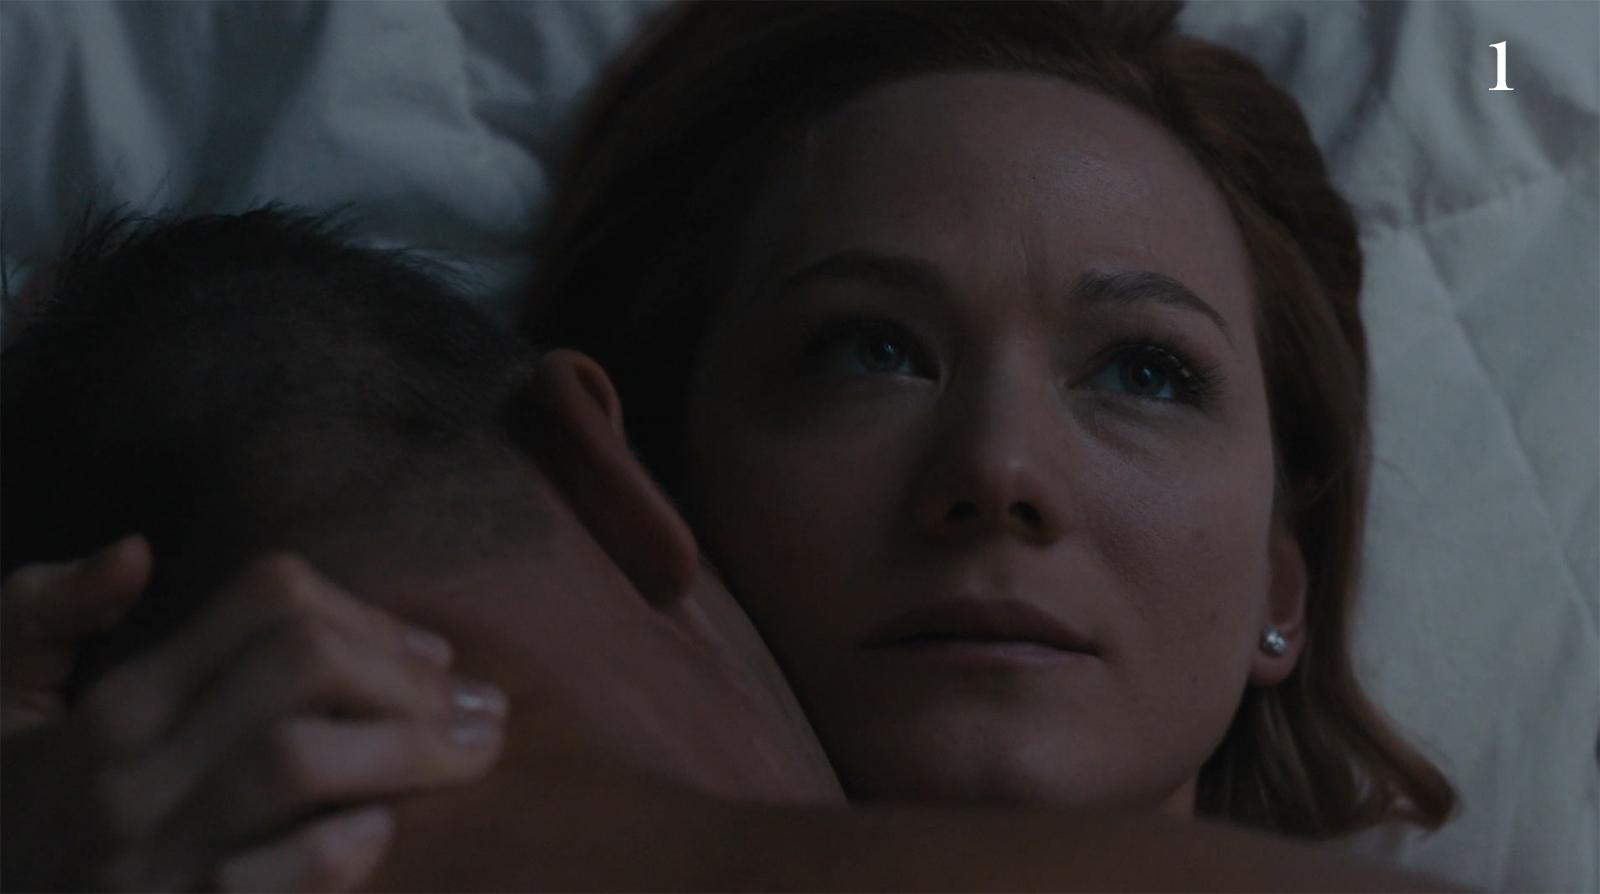 Sexfilmer Gratis Sex I Halmstad